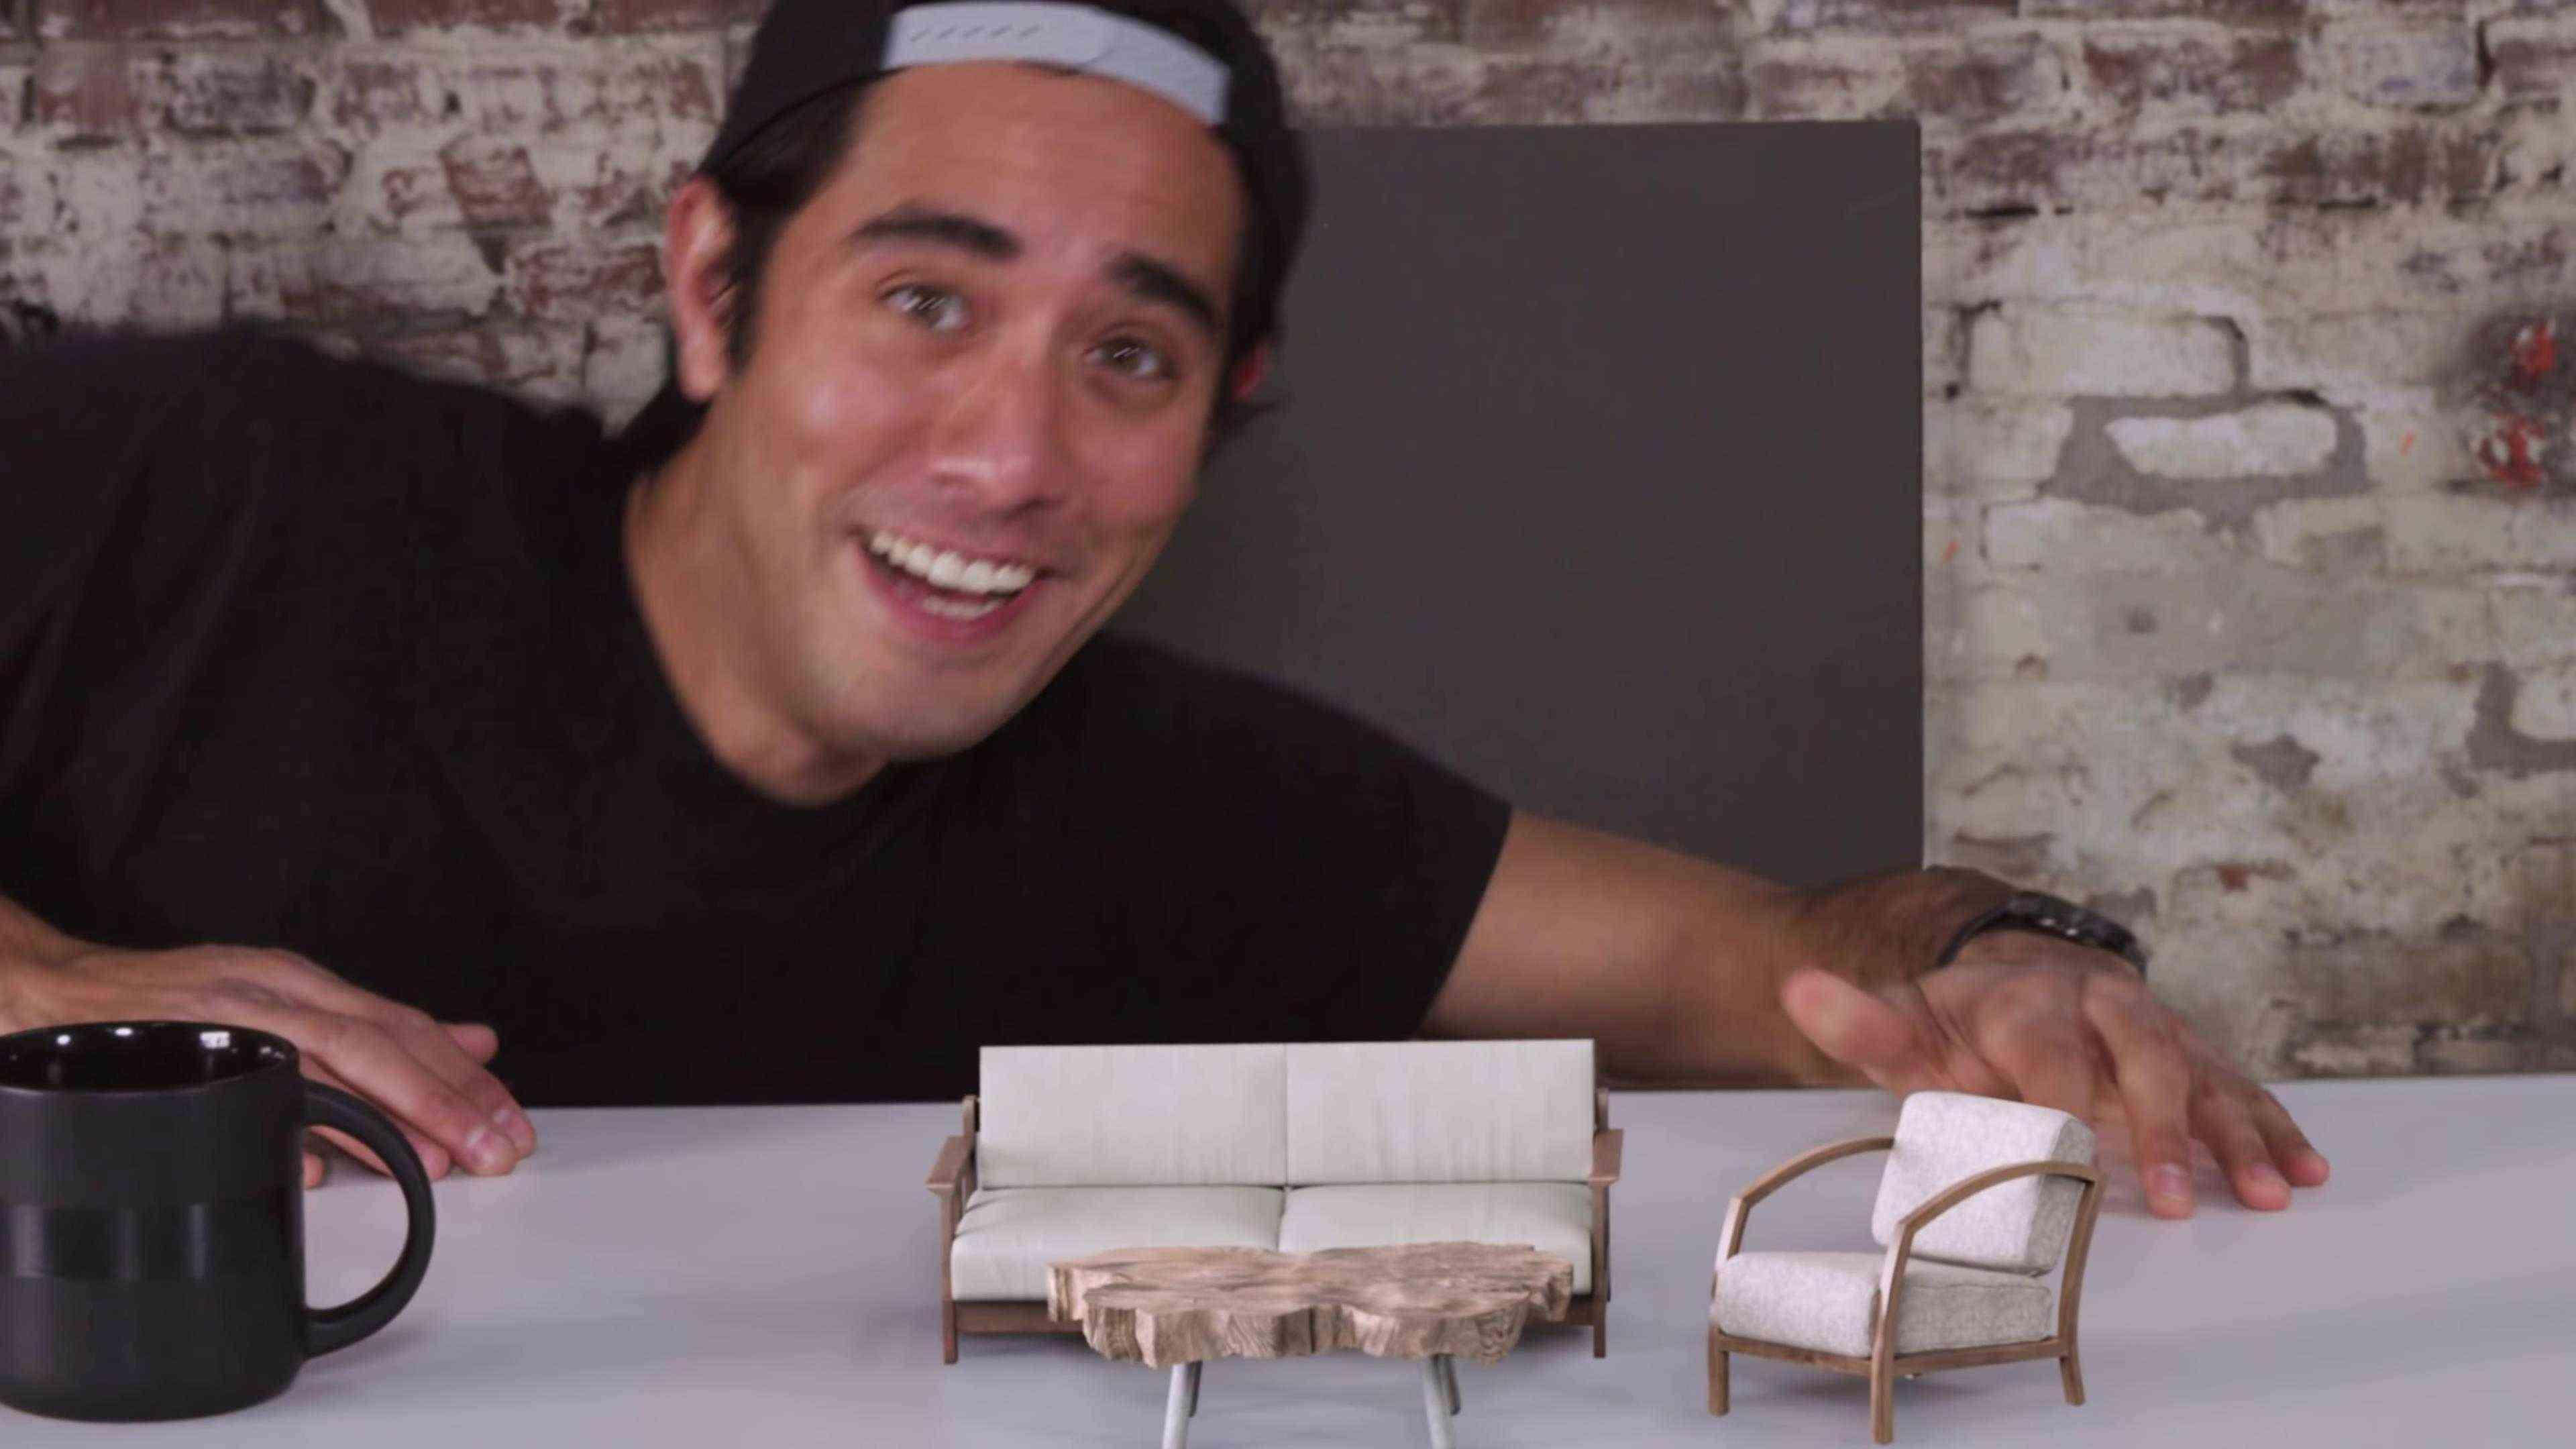 男巫创意魔法秀《家具的幻觉》